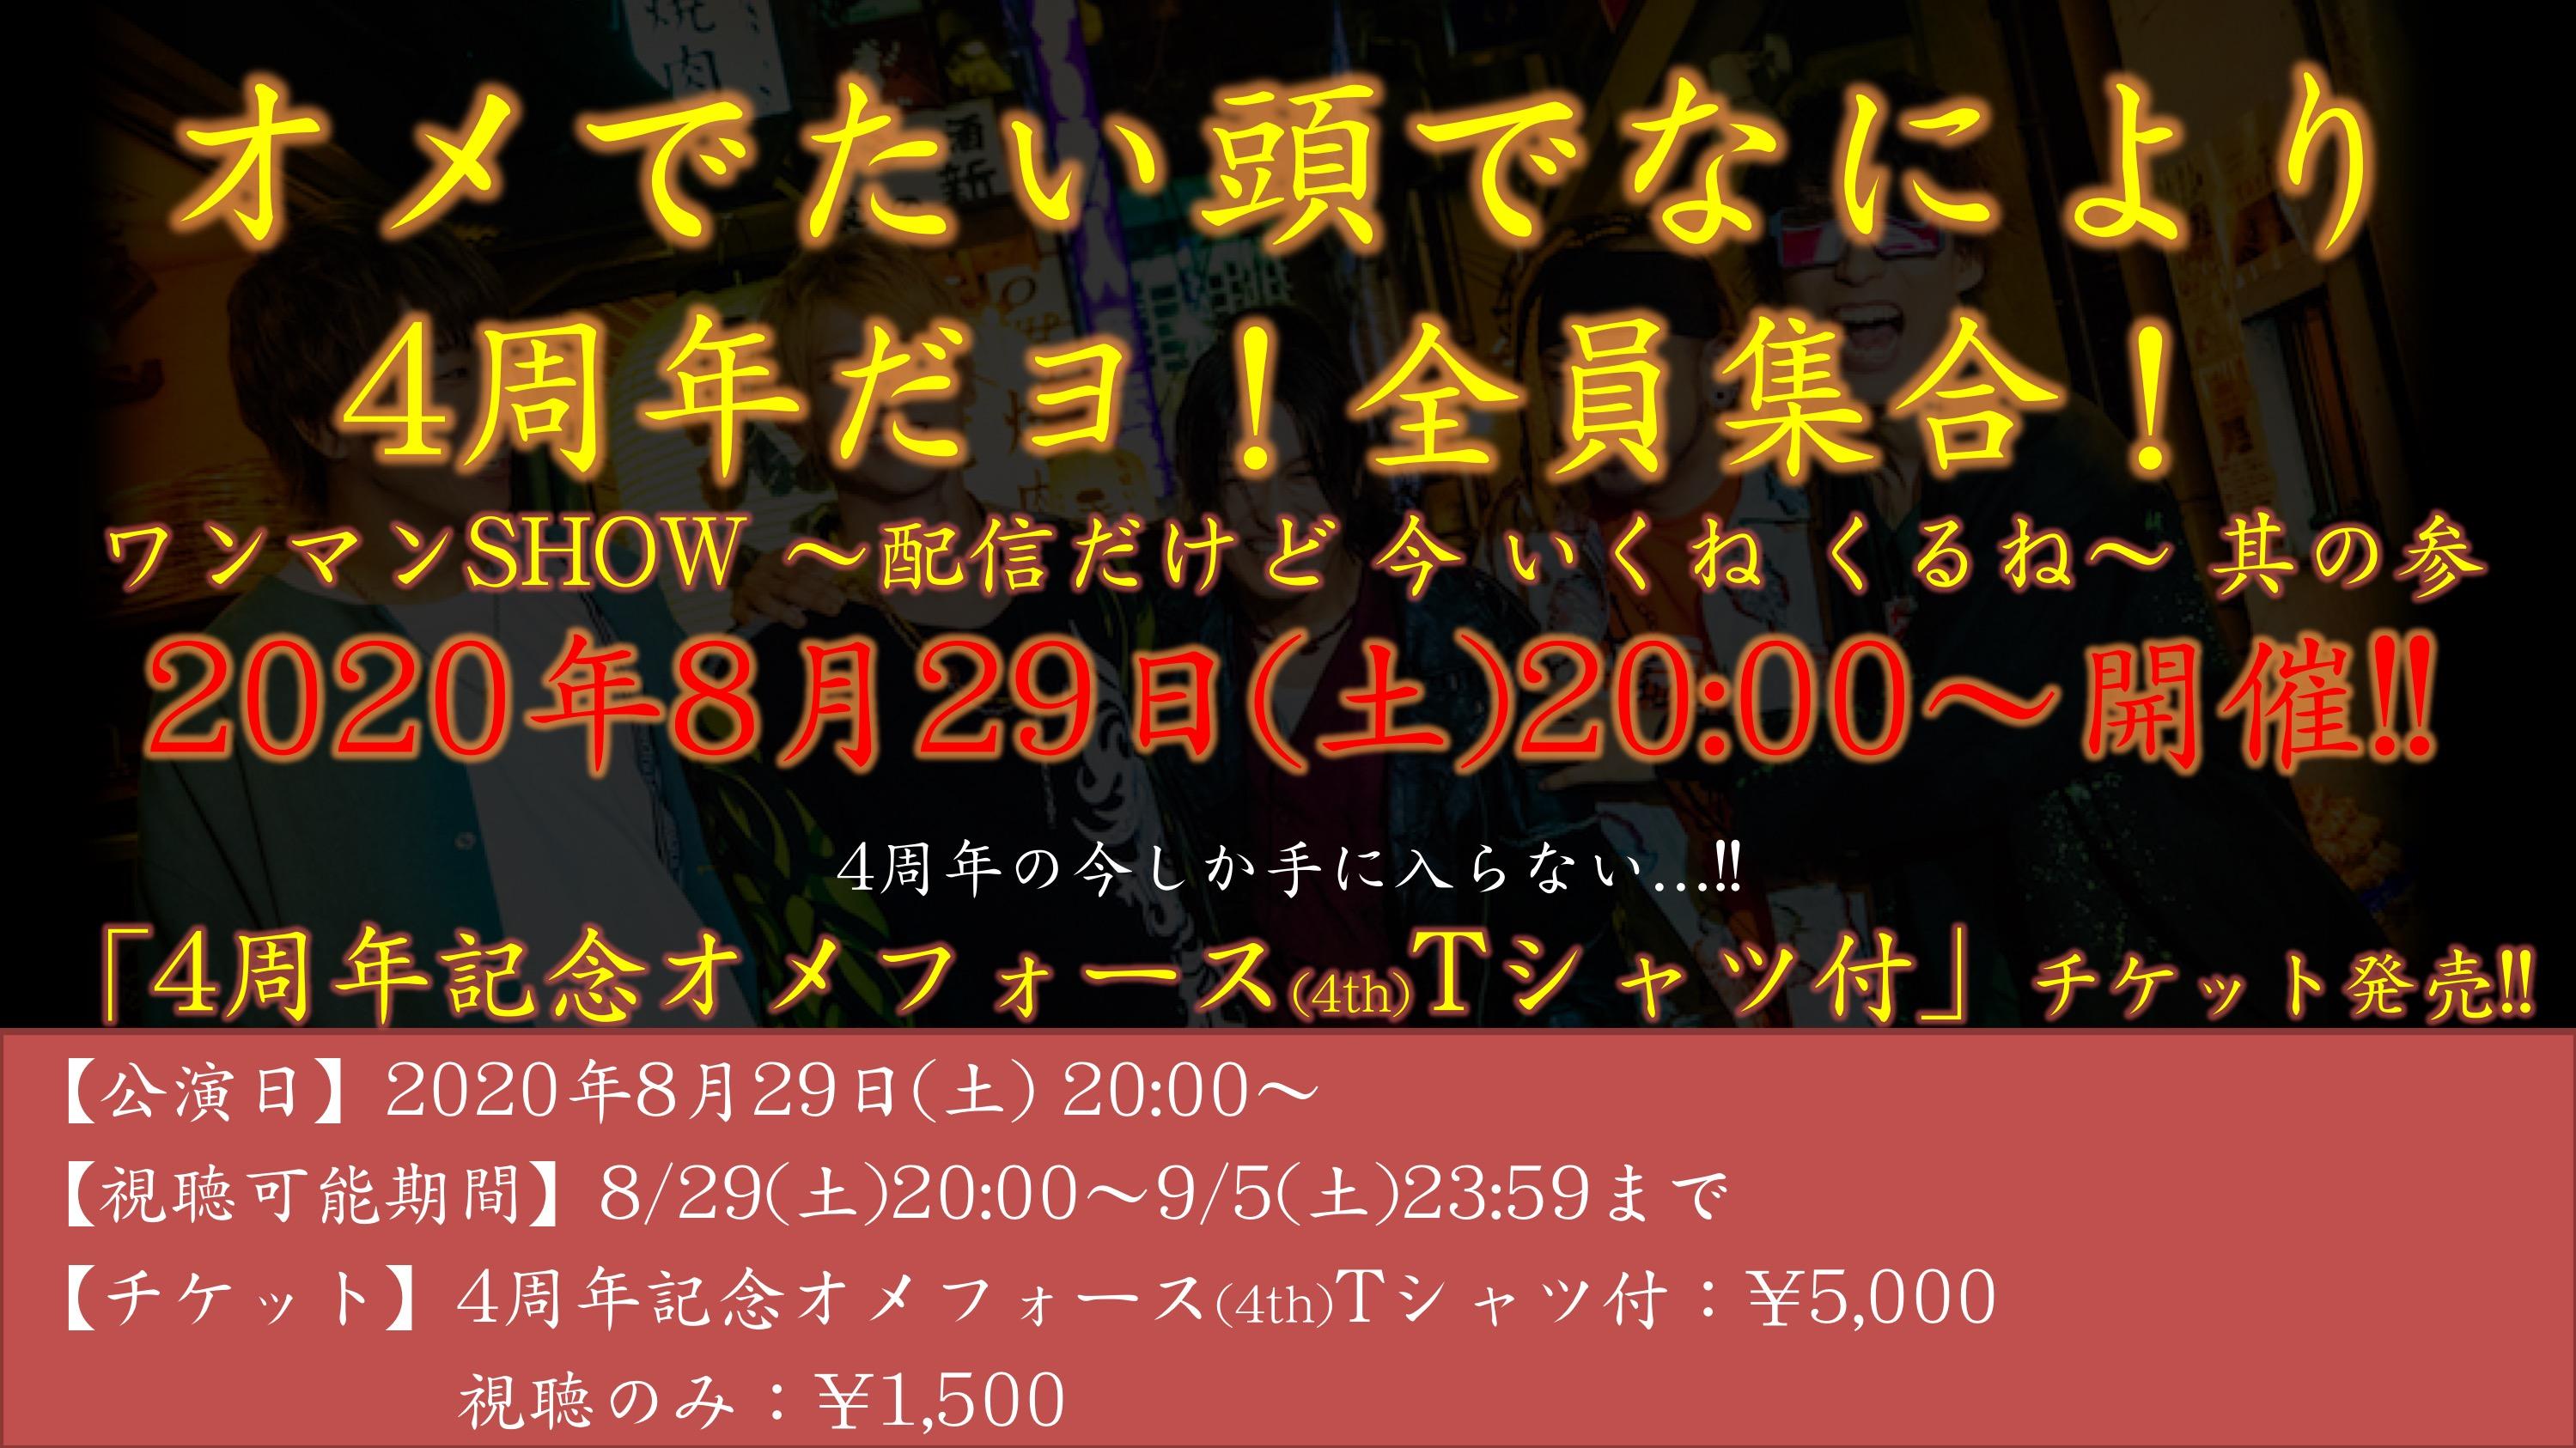 配信ワンマンSHOW「4周年だヨ!全員集合!」開催決定!